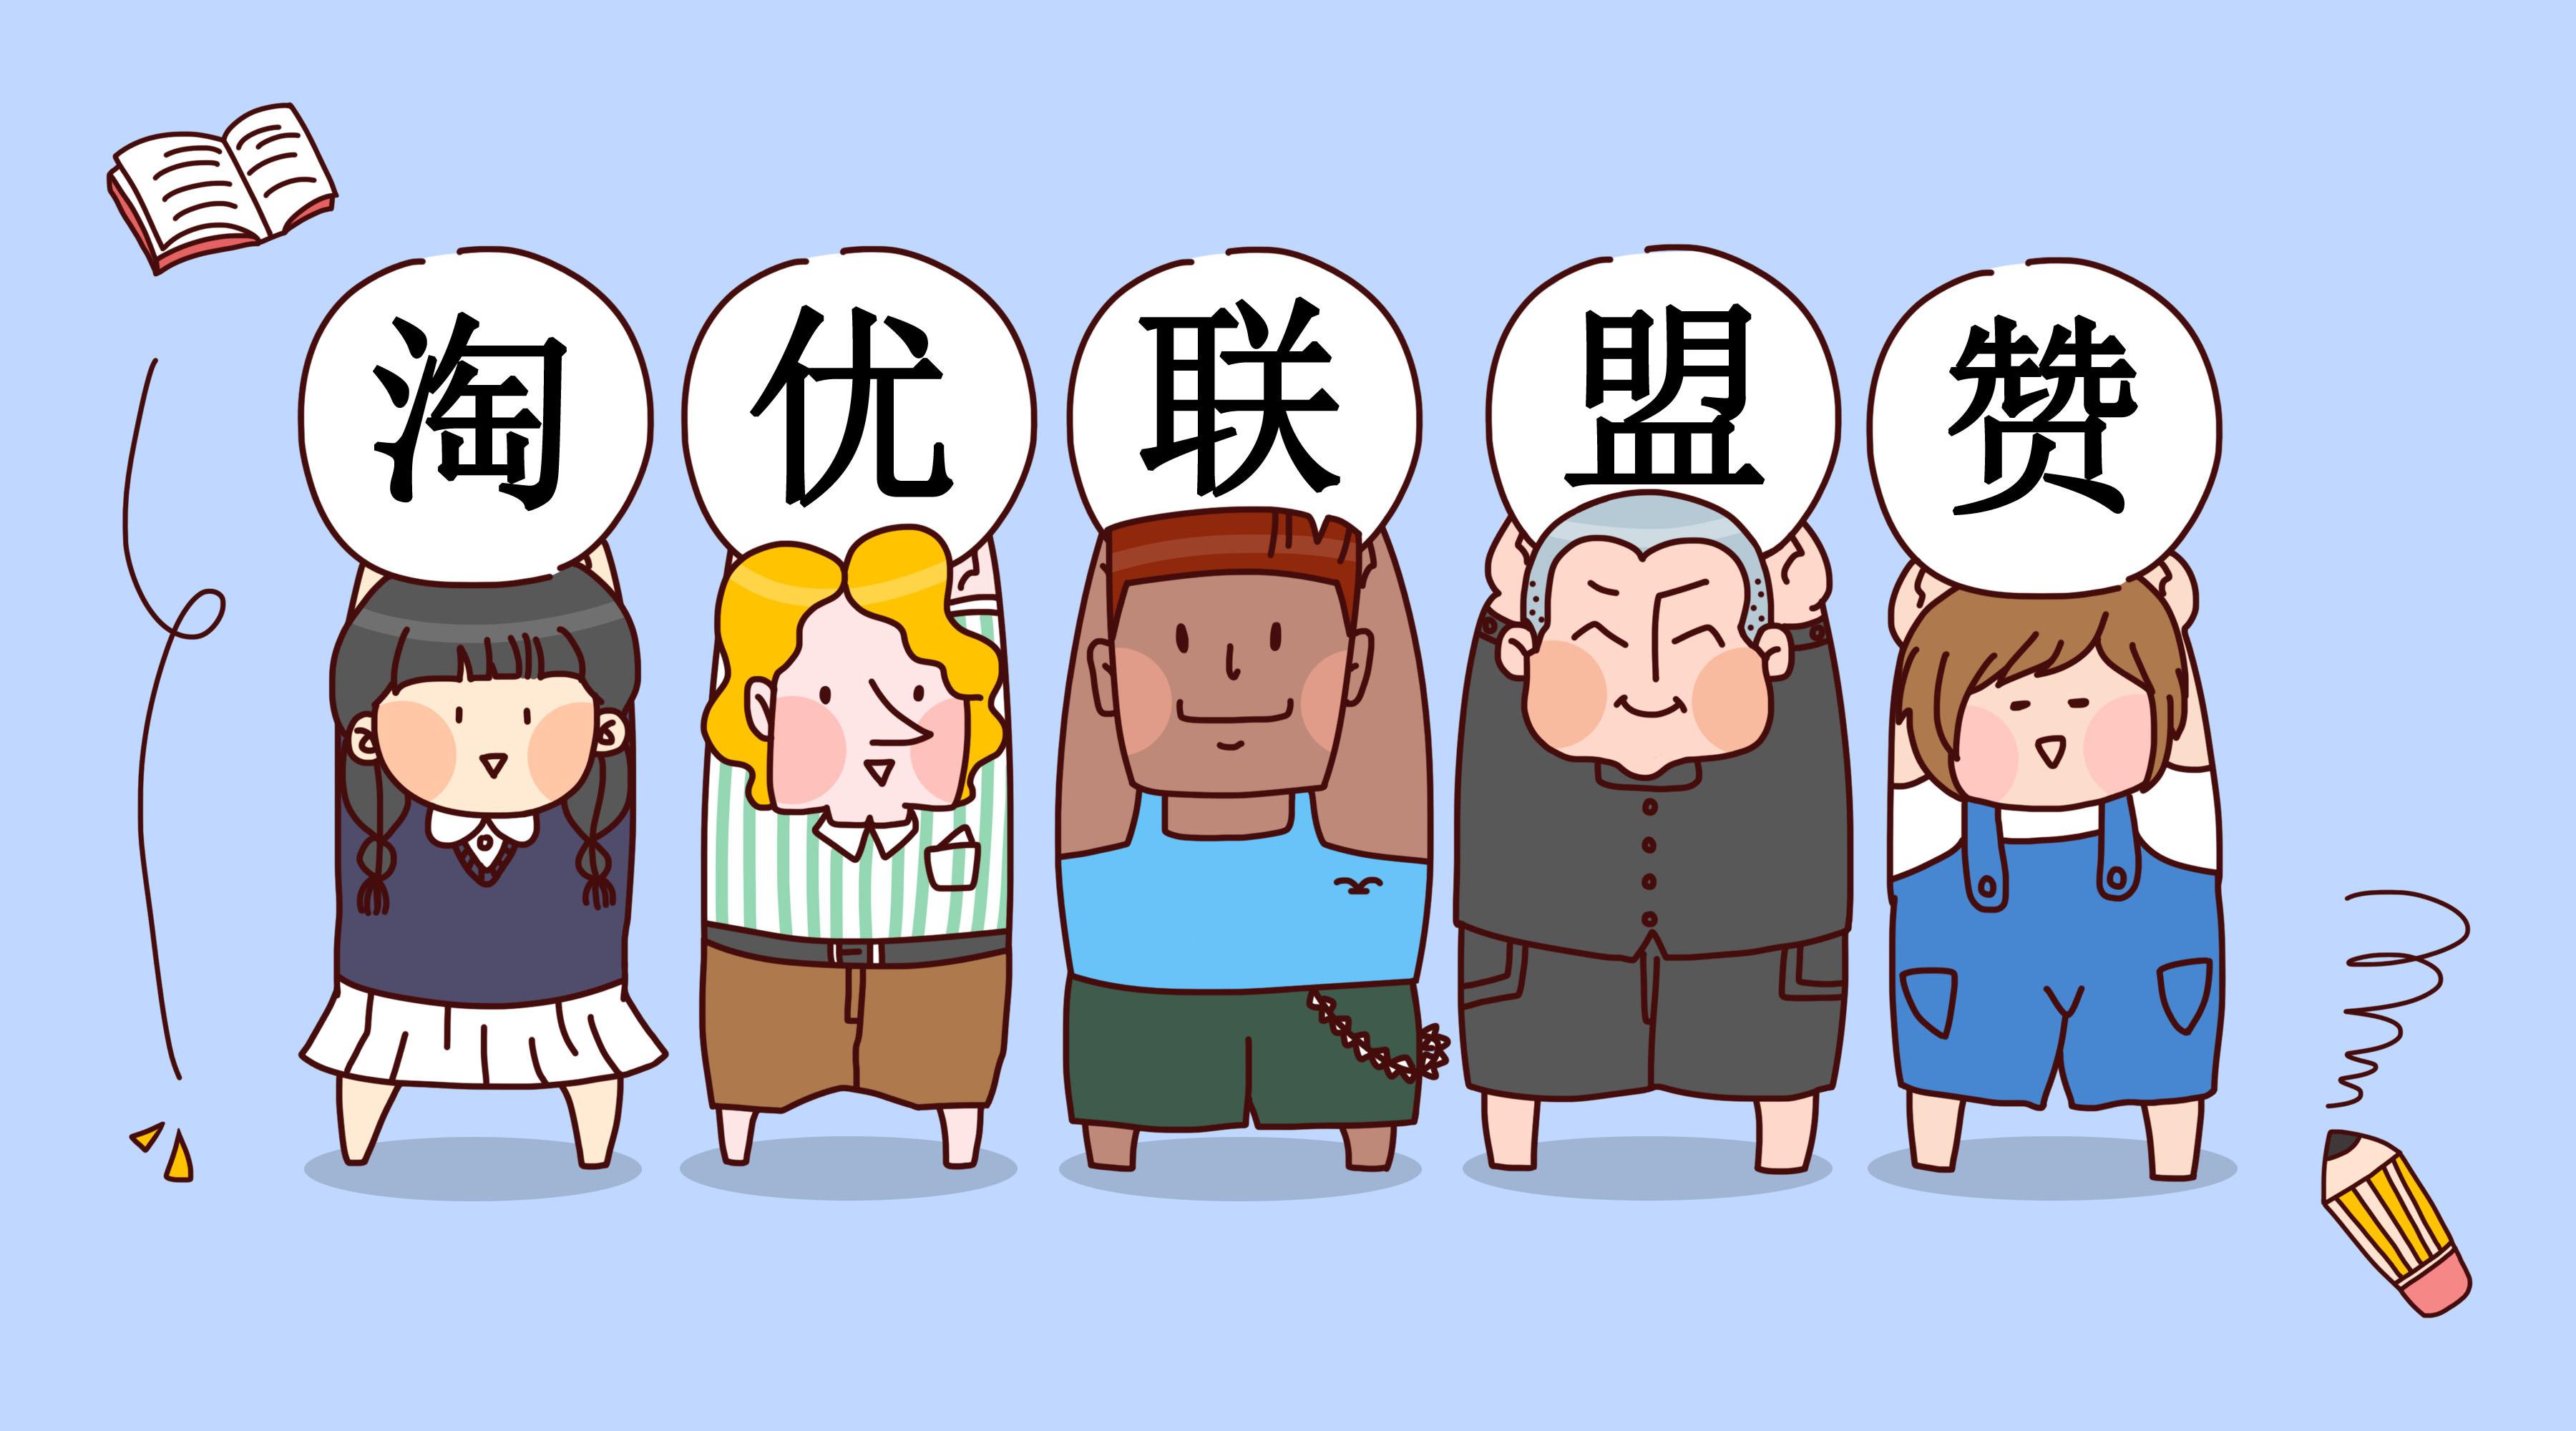 淘客客:原标题:【淘优联盟】为什么大部分卖家喜欢淘宝客推广? 投稿 第2张